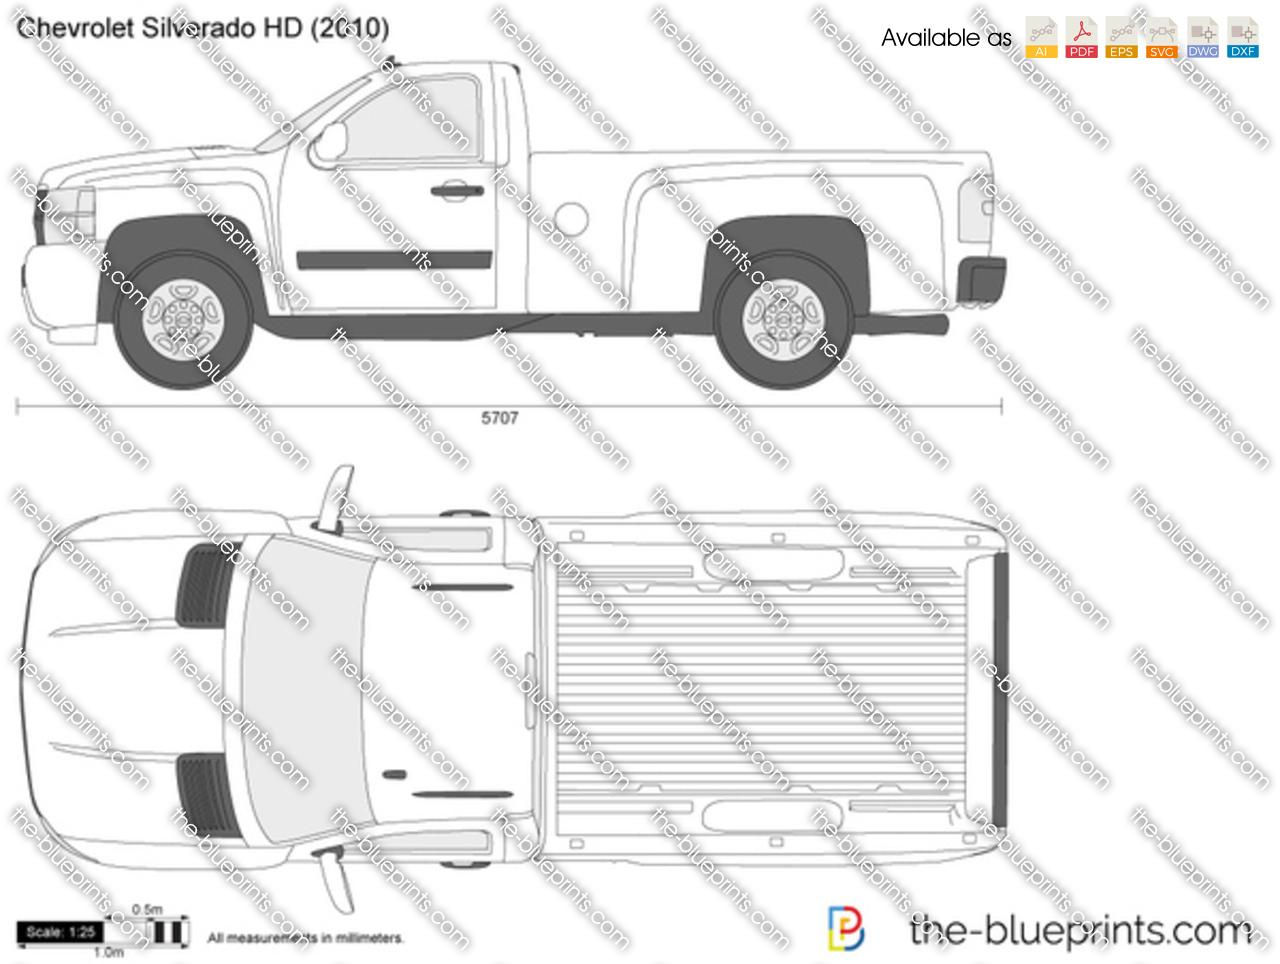 Chevrolet Silverado HD 2012